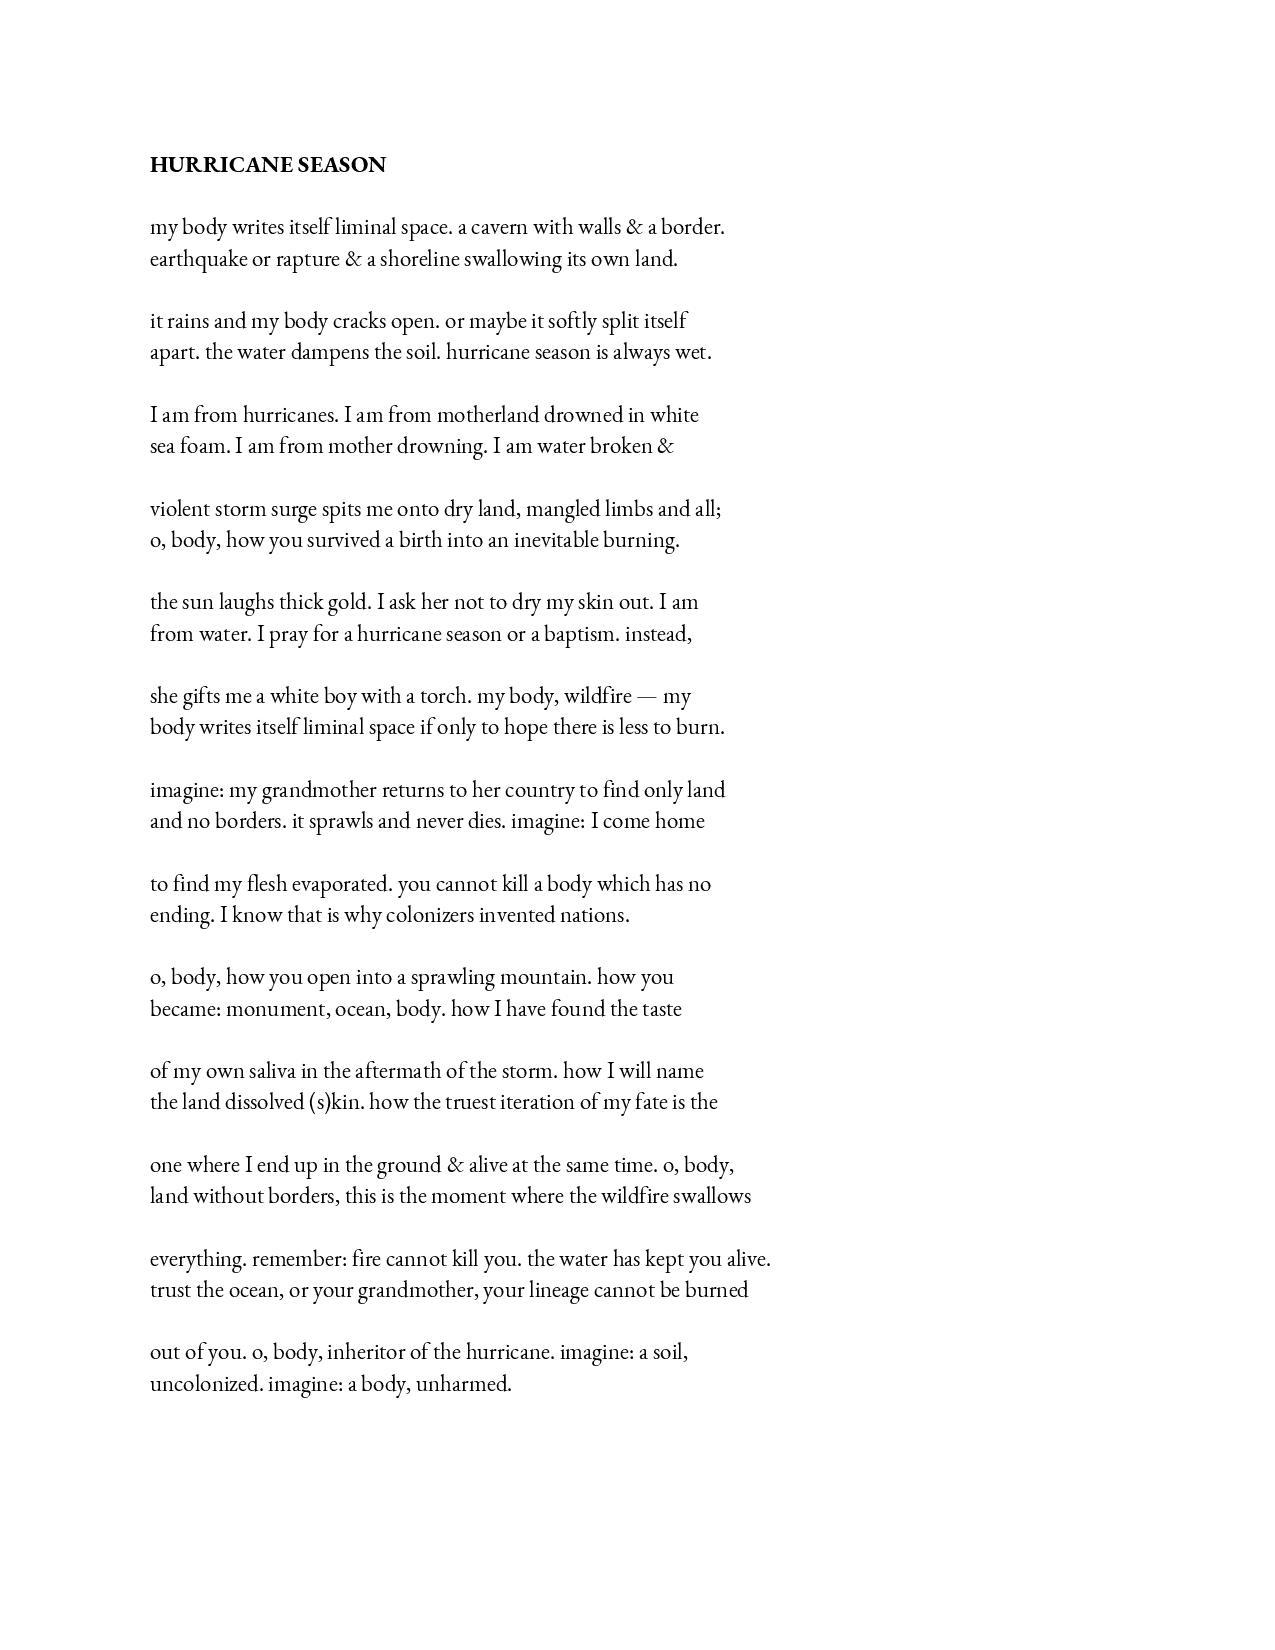 poems-page-003.jpg